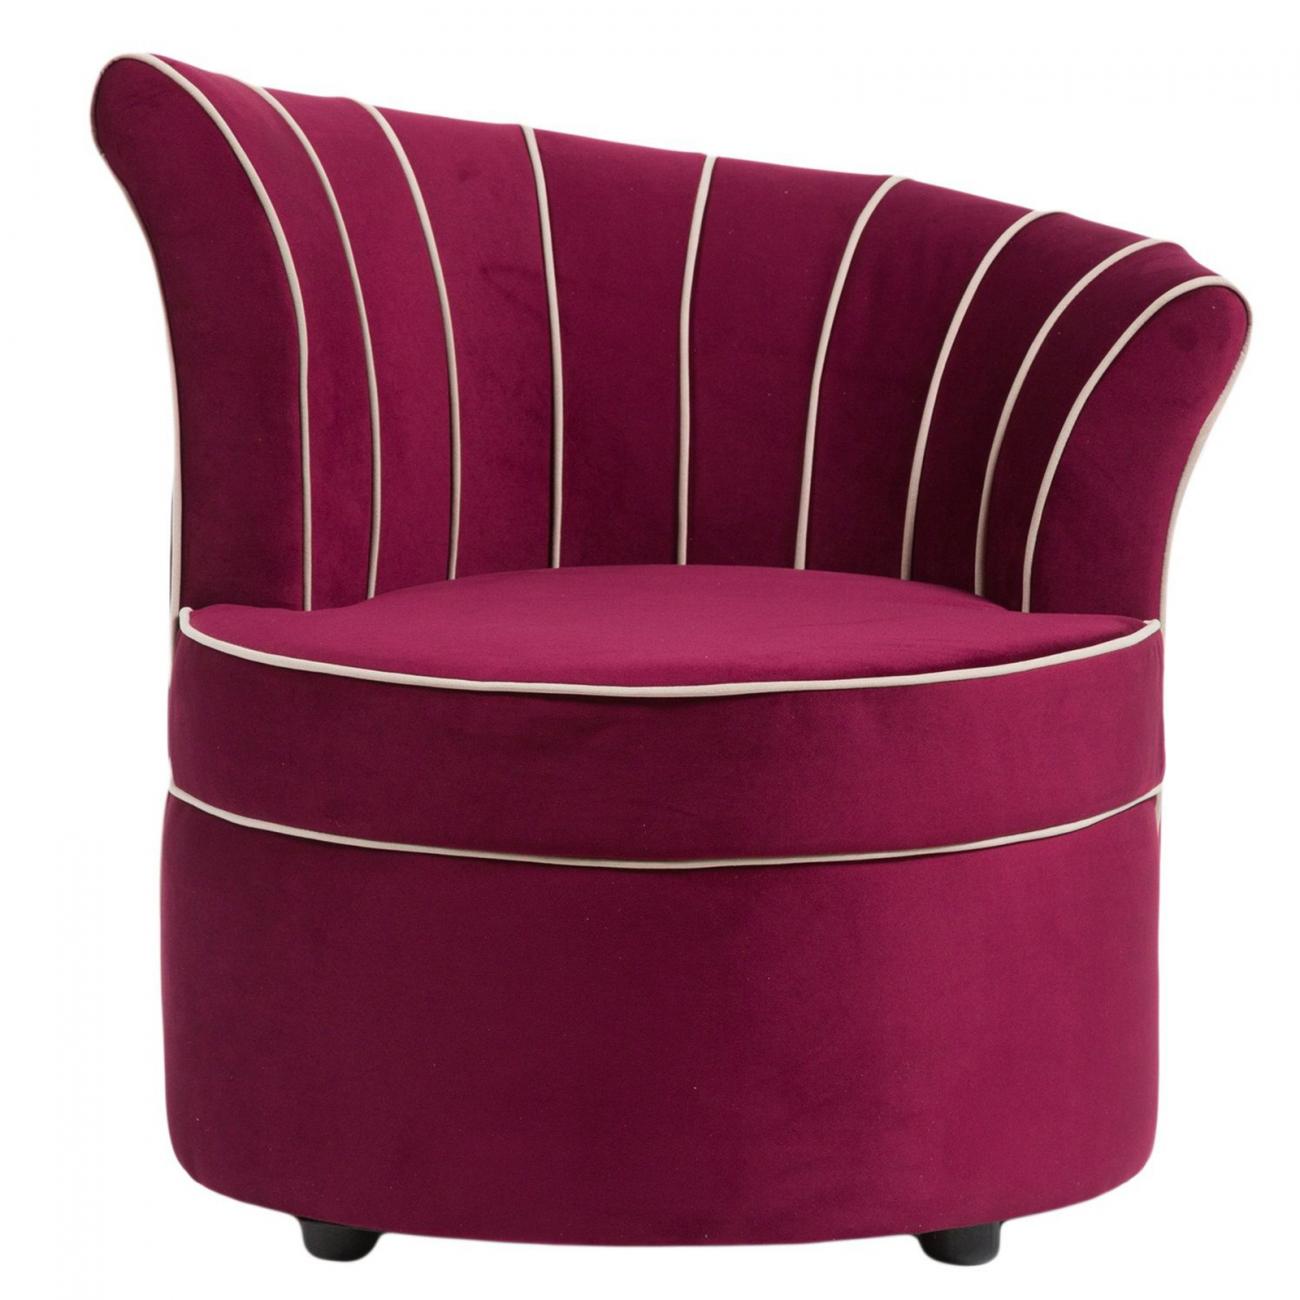 Купить Кресло Shell Фиолетовое Велюр в интернет магазине дизайнерской мебели и аксессуаров для дома и дачи